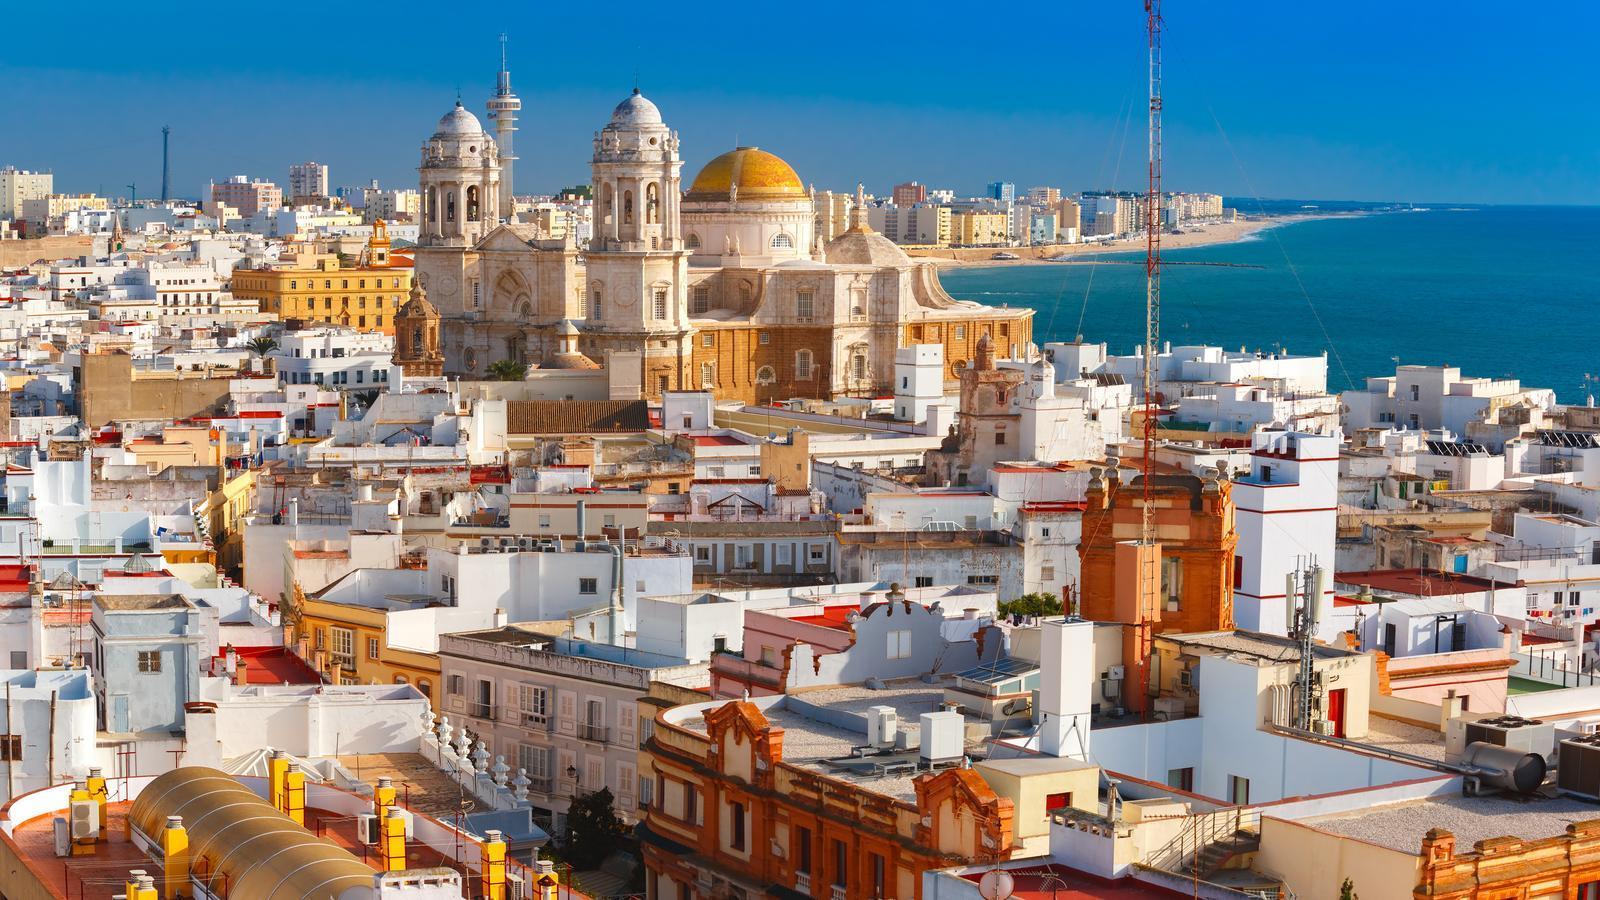 Aquestes són les millors destinacions per viatjar el 2020, segons la Lonely Planet